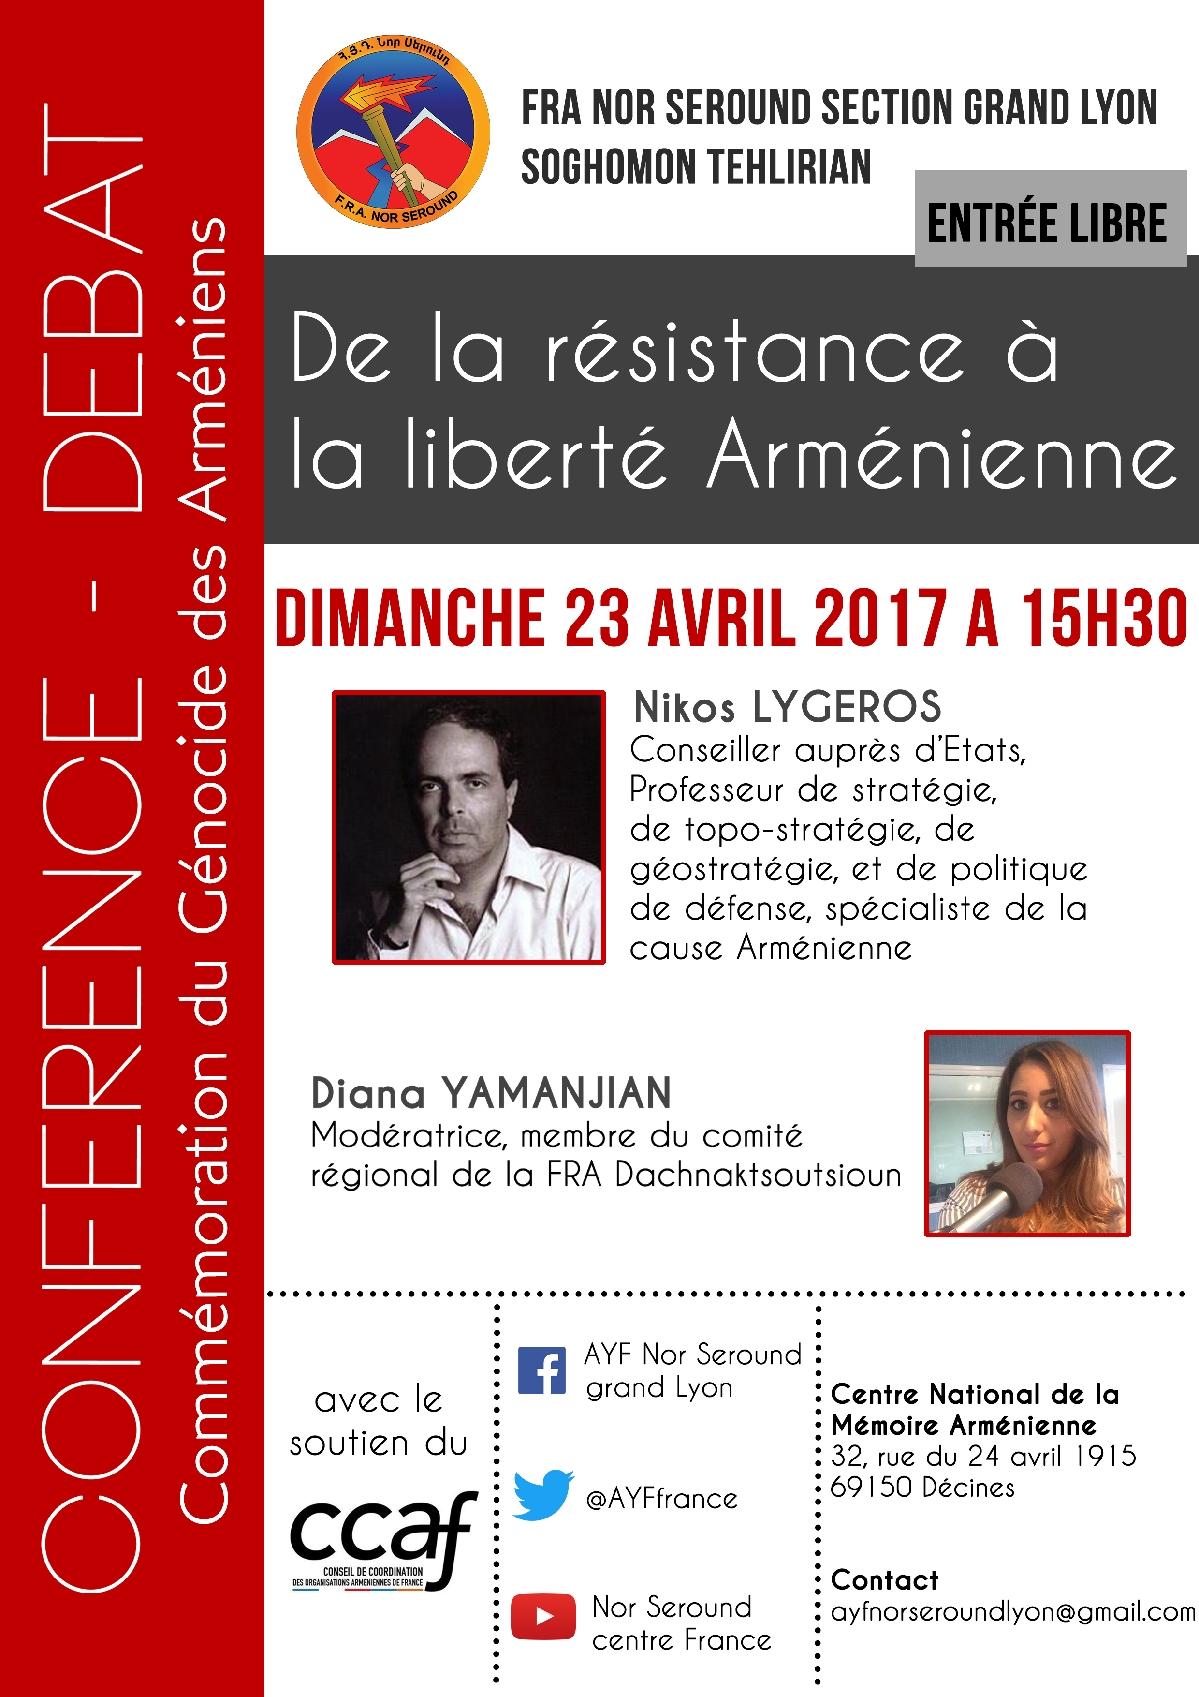 De la résistance à la liberté Arménienne